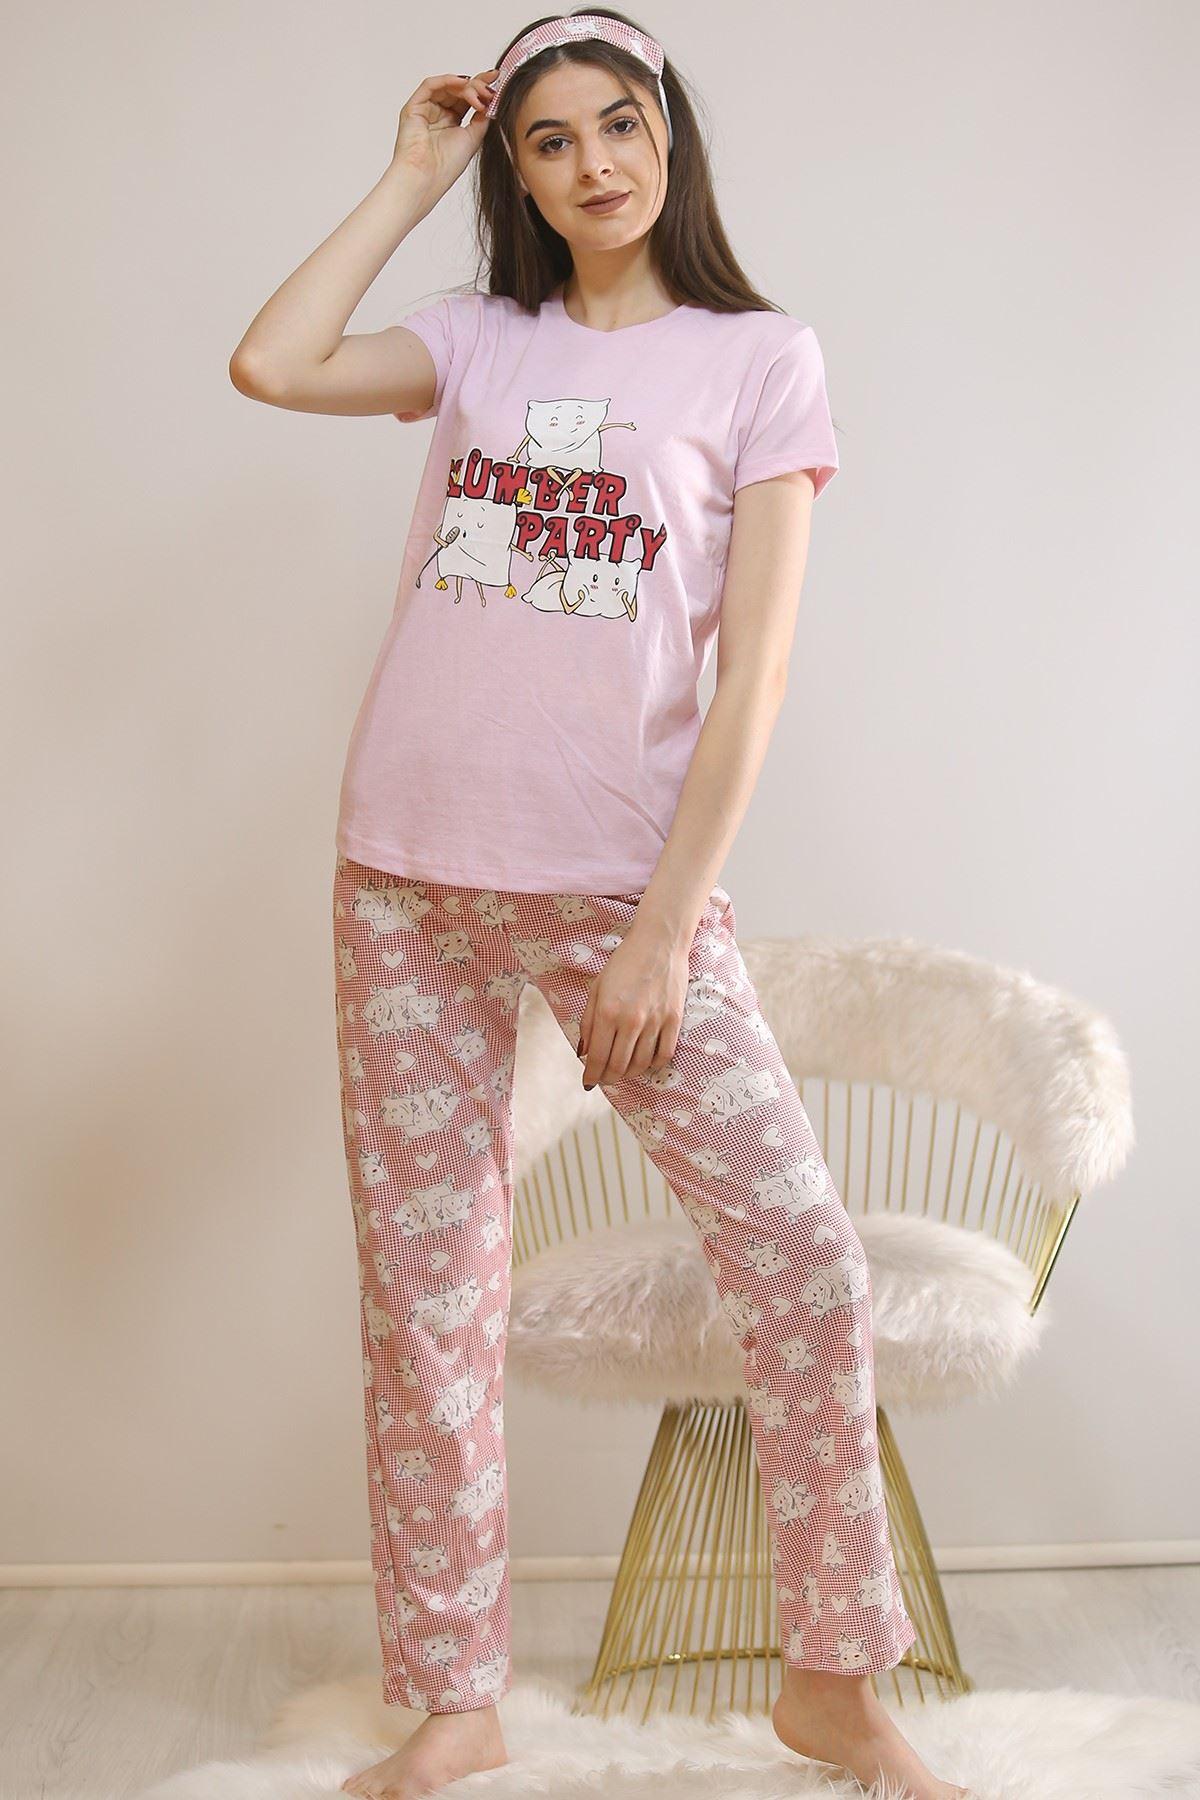 Baskılı Pijama Takımı Lila - 21404.1059.